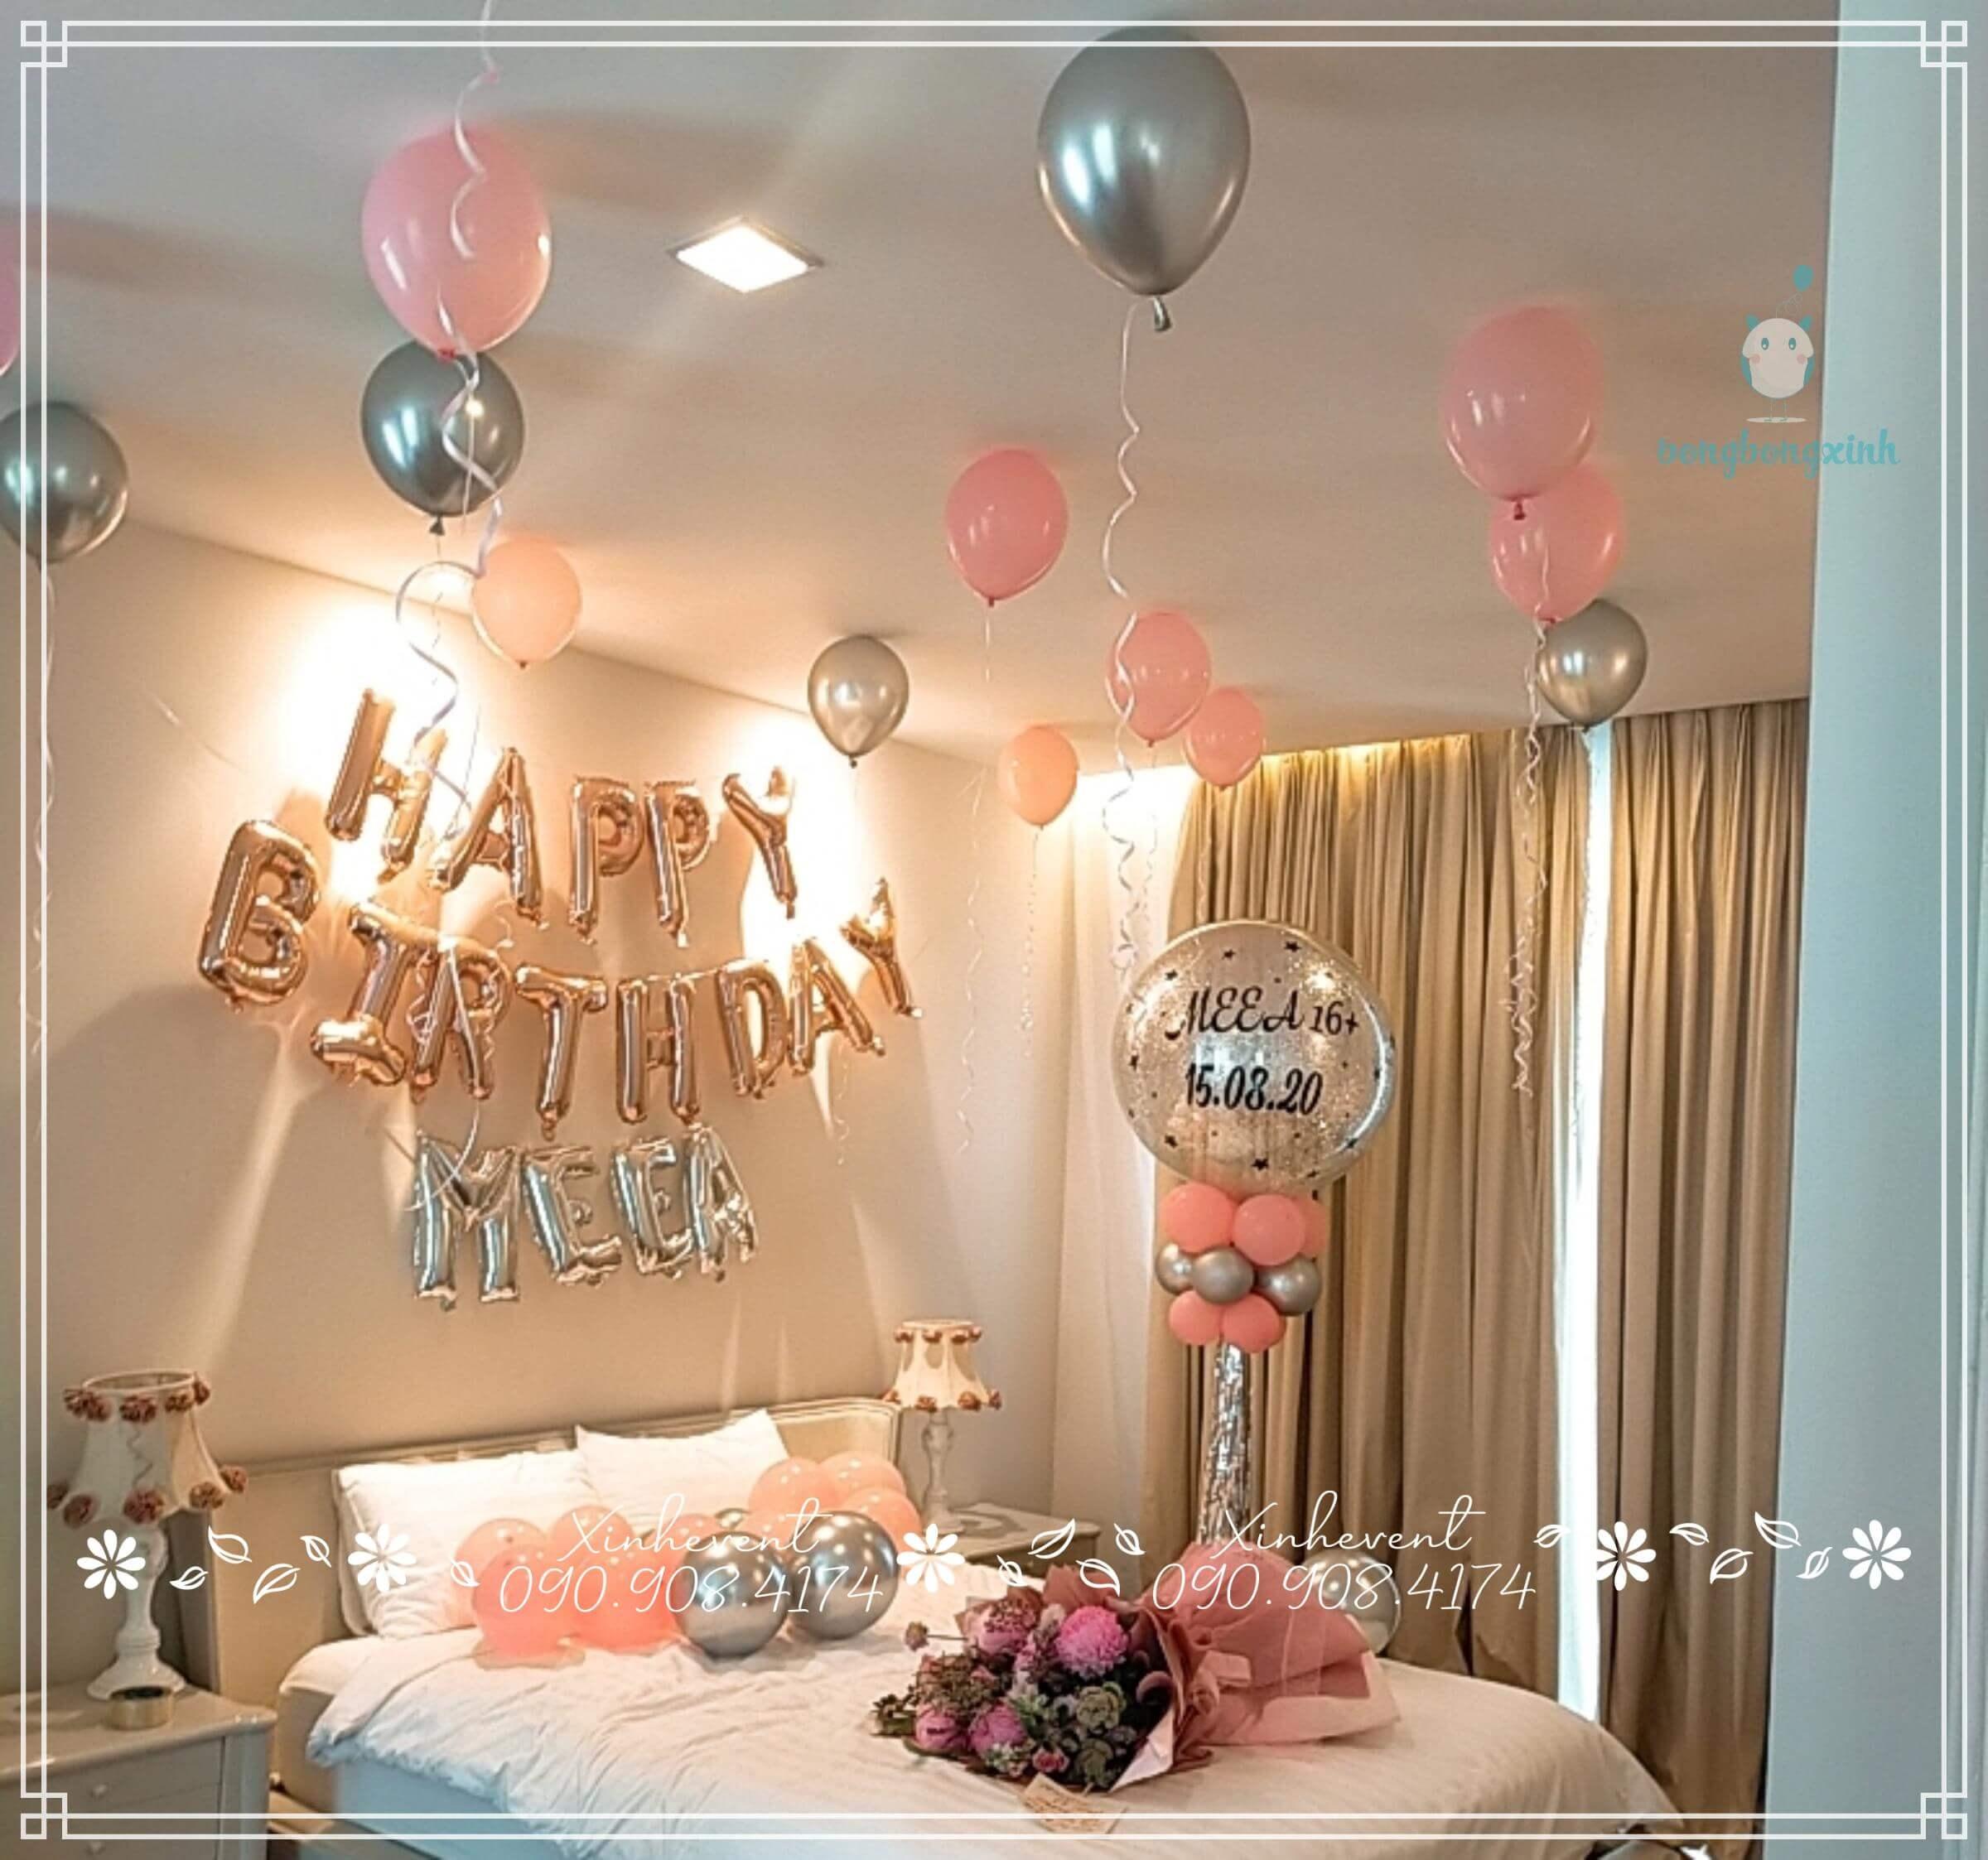 Bong bóng bay là phụ kiện tuyệt vời tạo nên sự thơ mộng và lãng mạn cho căn phòng